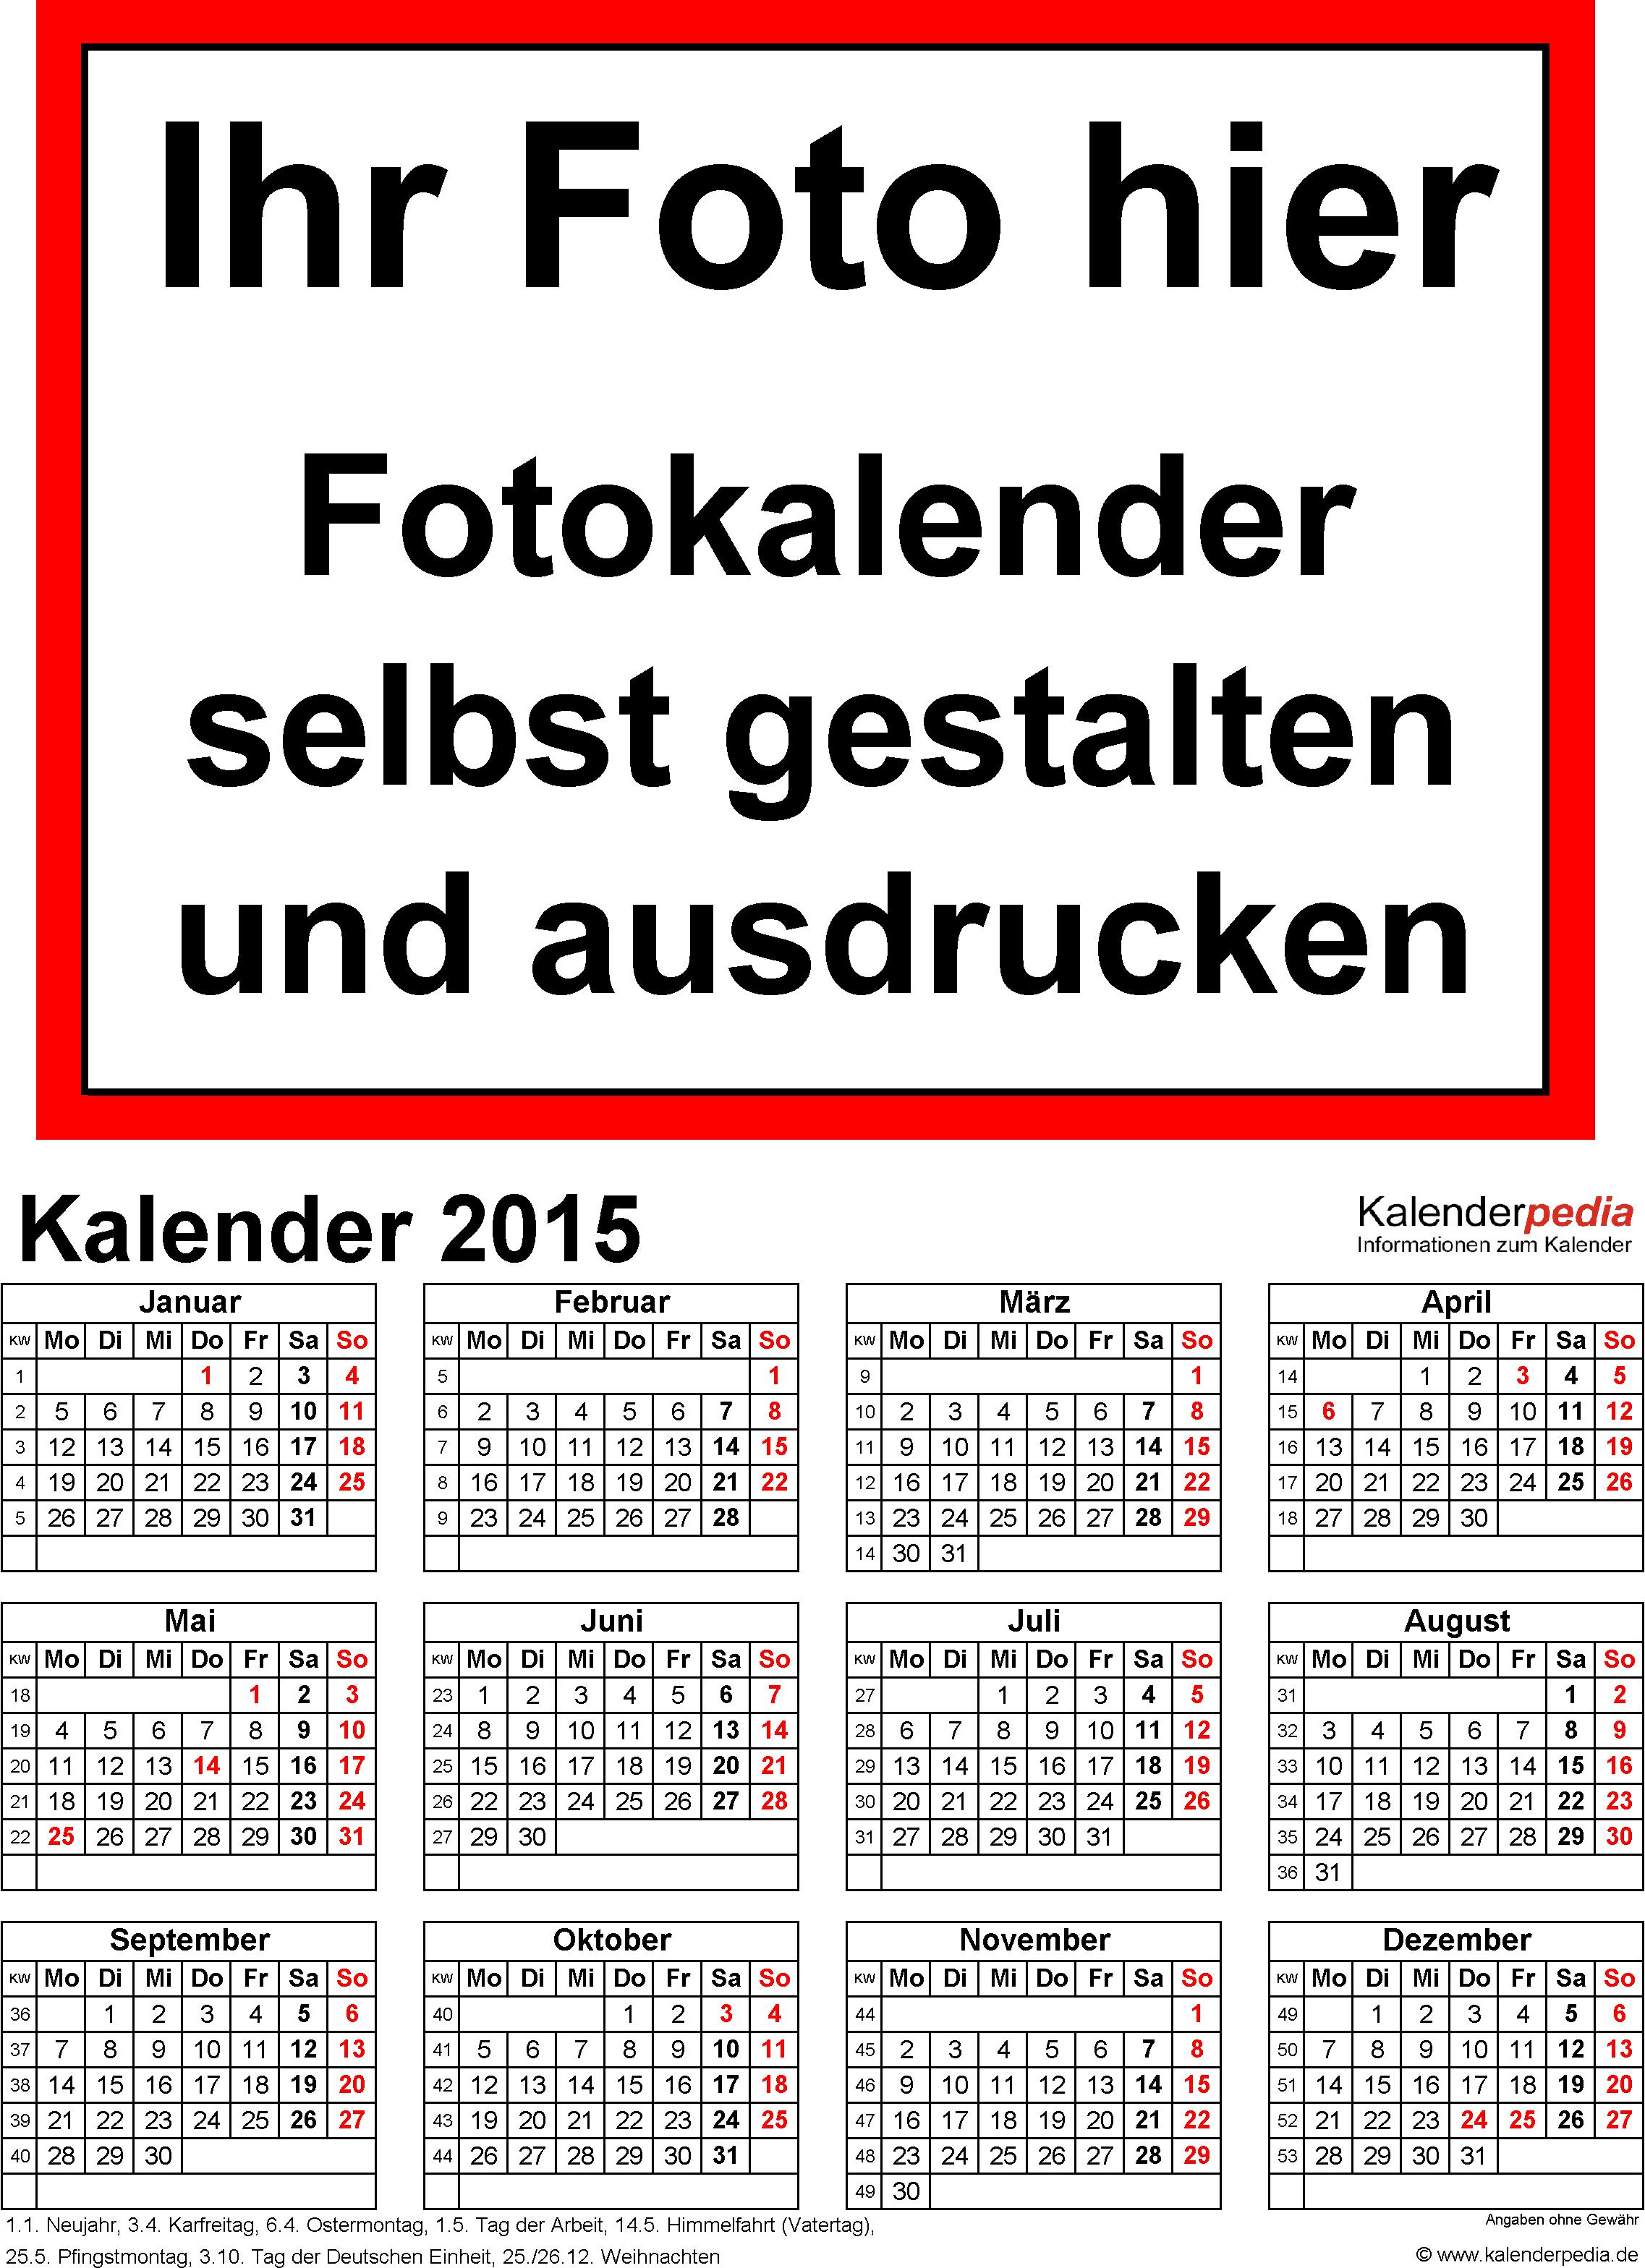 Vorlage 4: PDF-Vorlagen für Fotokalender 2015 (ganzes Jahr auf einer Seite)